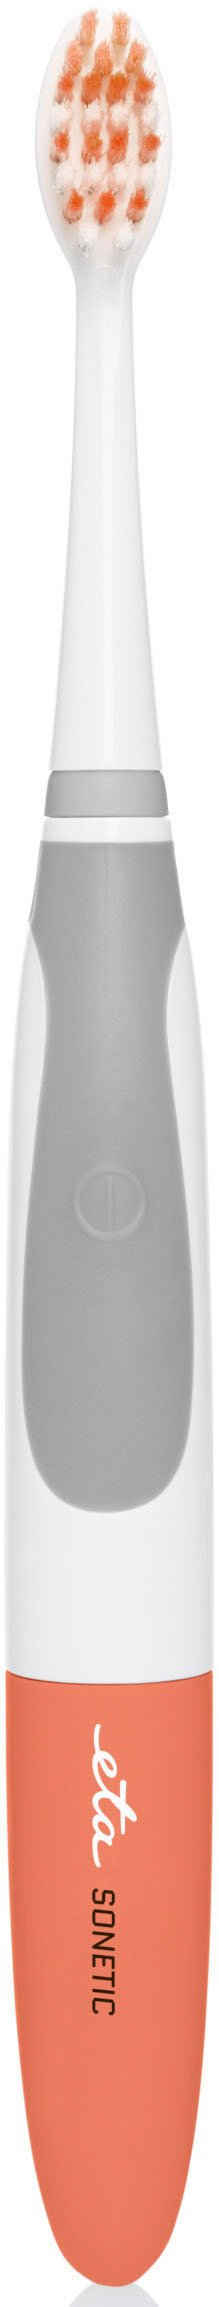 eta Elektrische Kinderzahnbürste SONETIC Junior Schallzahnbürste ETA071190010, Aufsteckbürsten: 2 St., Für Kinder und Teens 8-12 Jahre geeignet